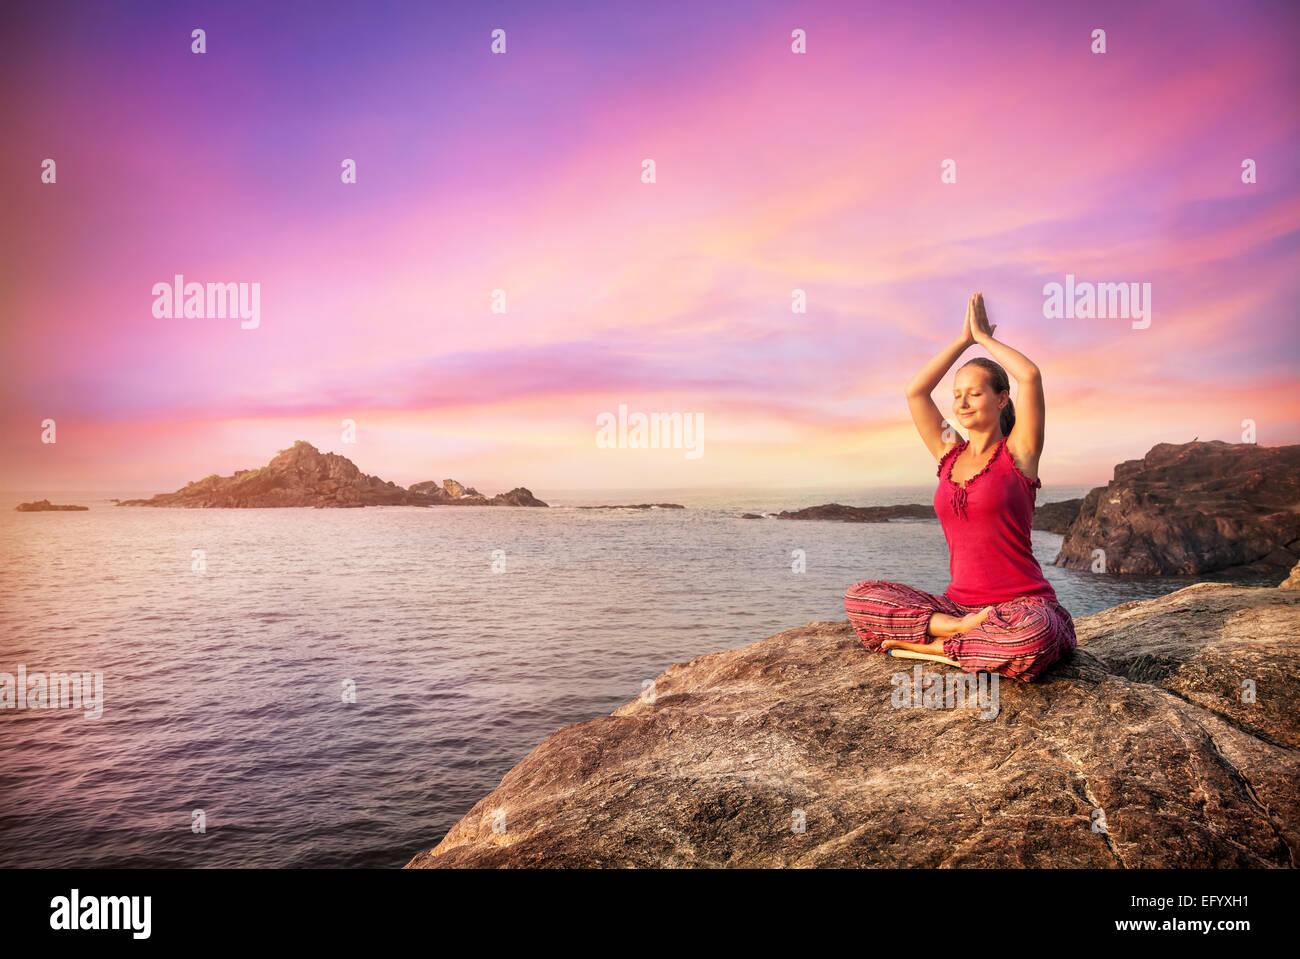 Frau tun Meditation im roten Kostüm auf dem Stein in der Nähe des Ozeans in Gokarna, Karnataka, Indien Stockbild